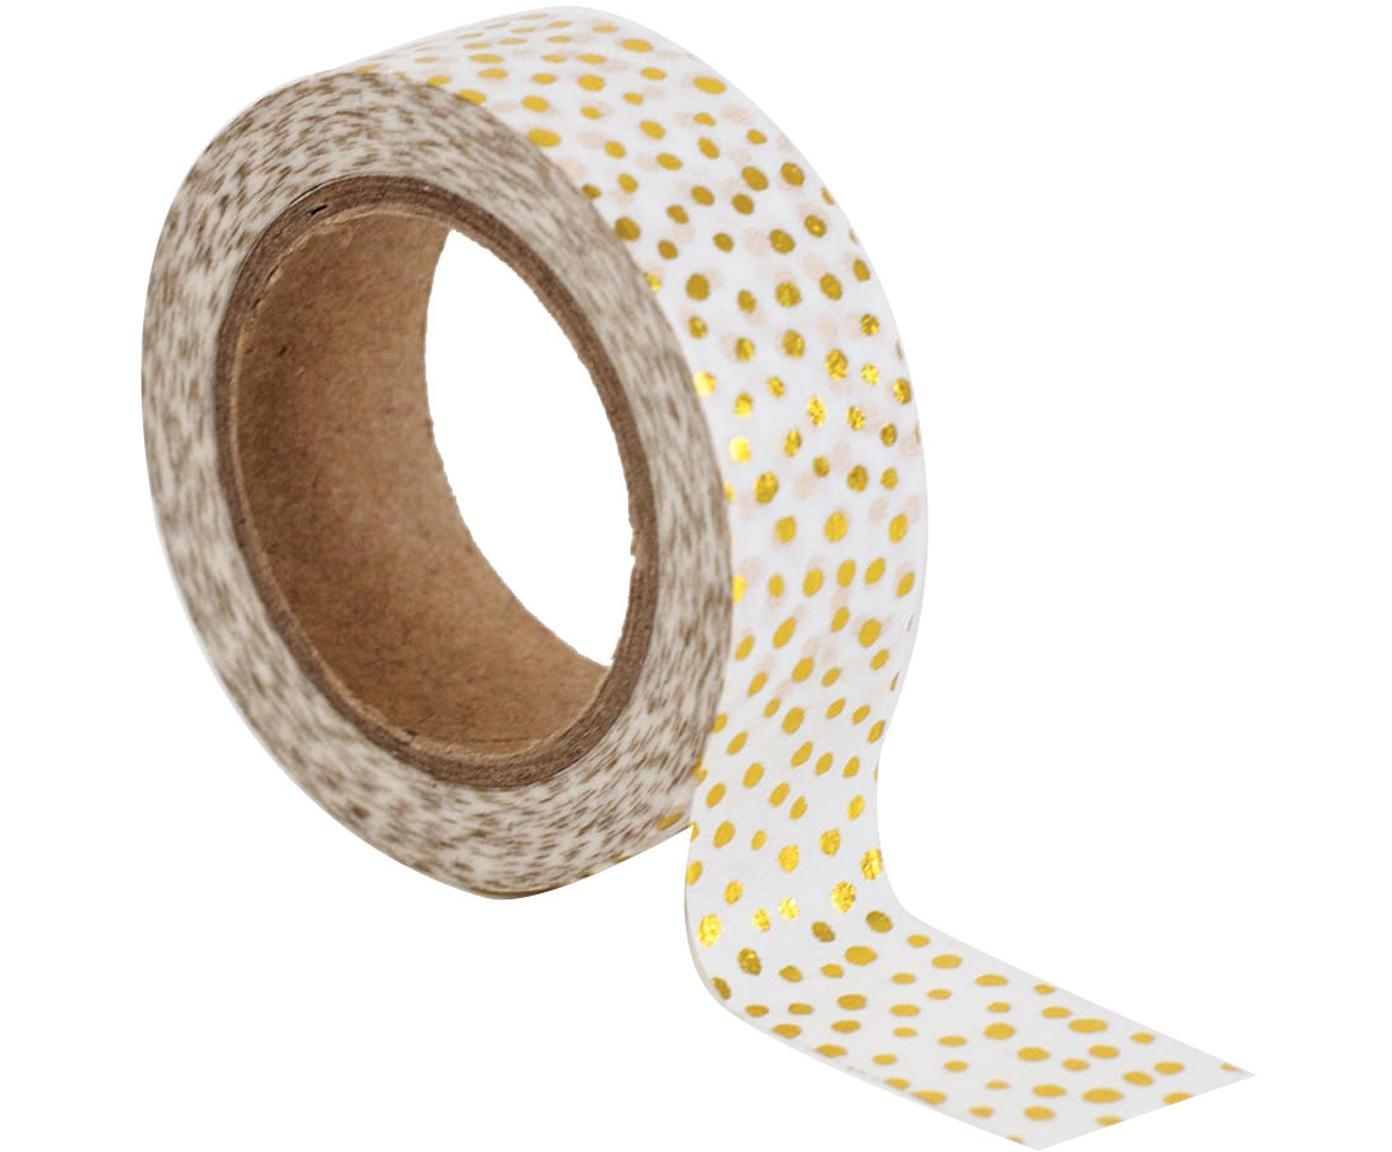 Nastro adesivo Dotty, 3 pz., Materiale sintetico, Bianco, dorato, Lung. 1000 cm